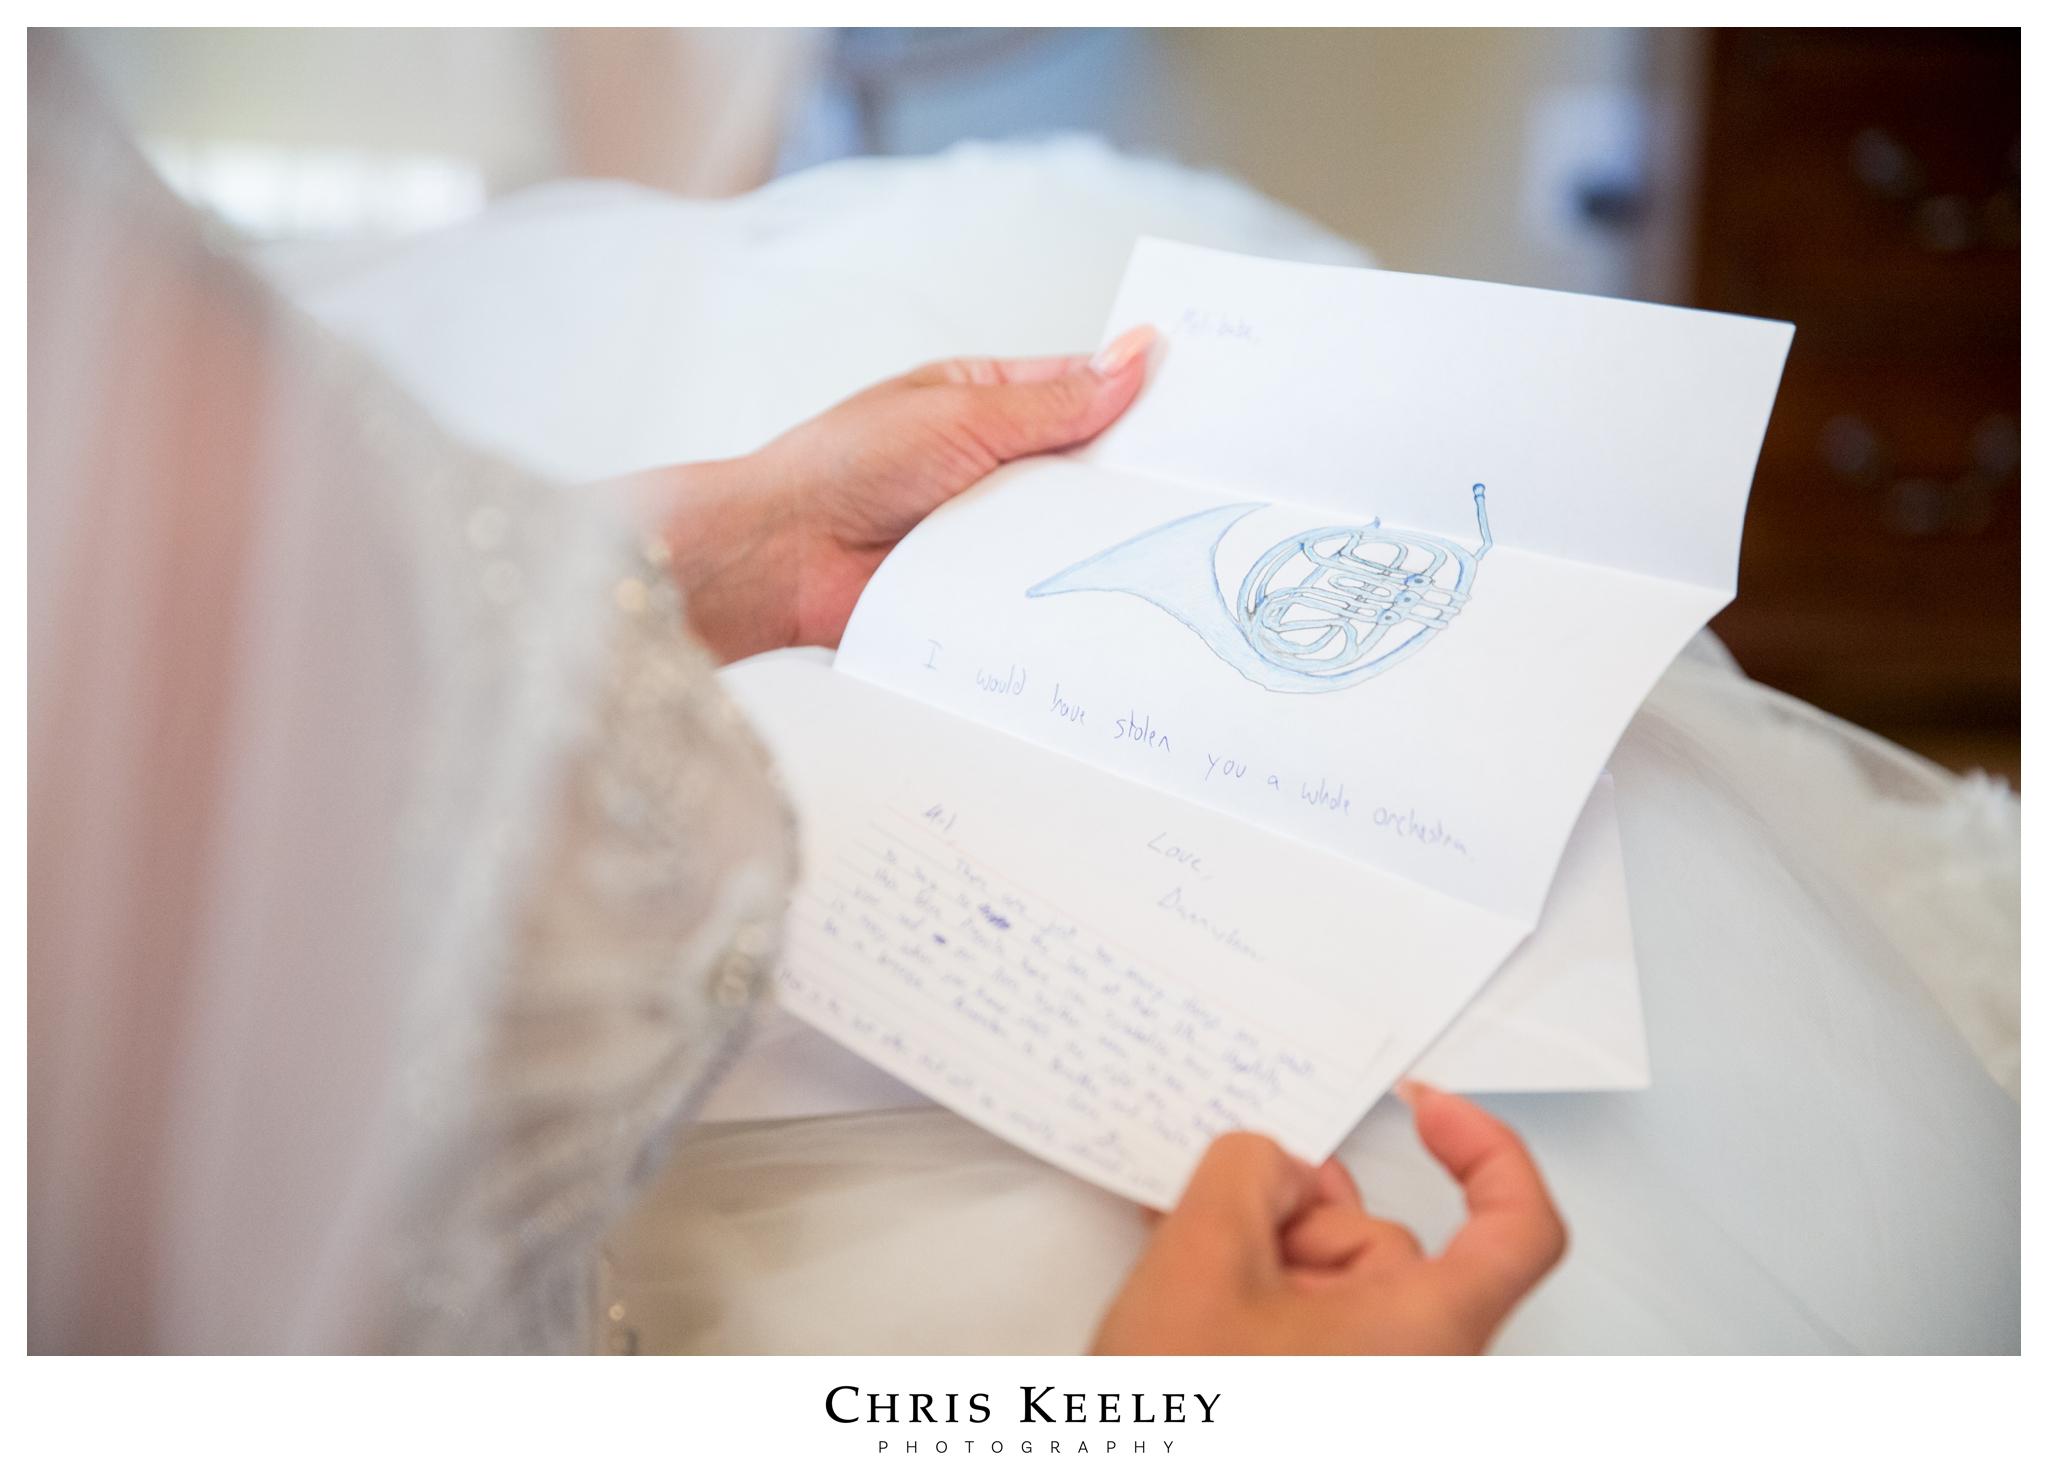 brides-letter-from-groom.jpg